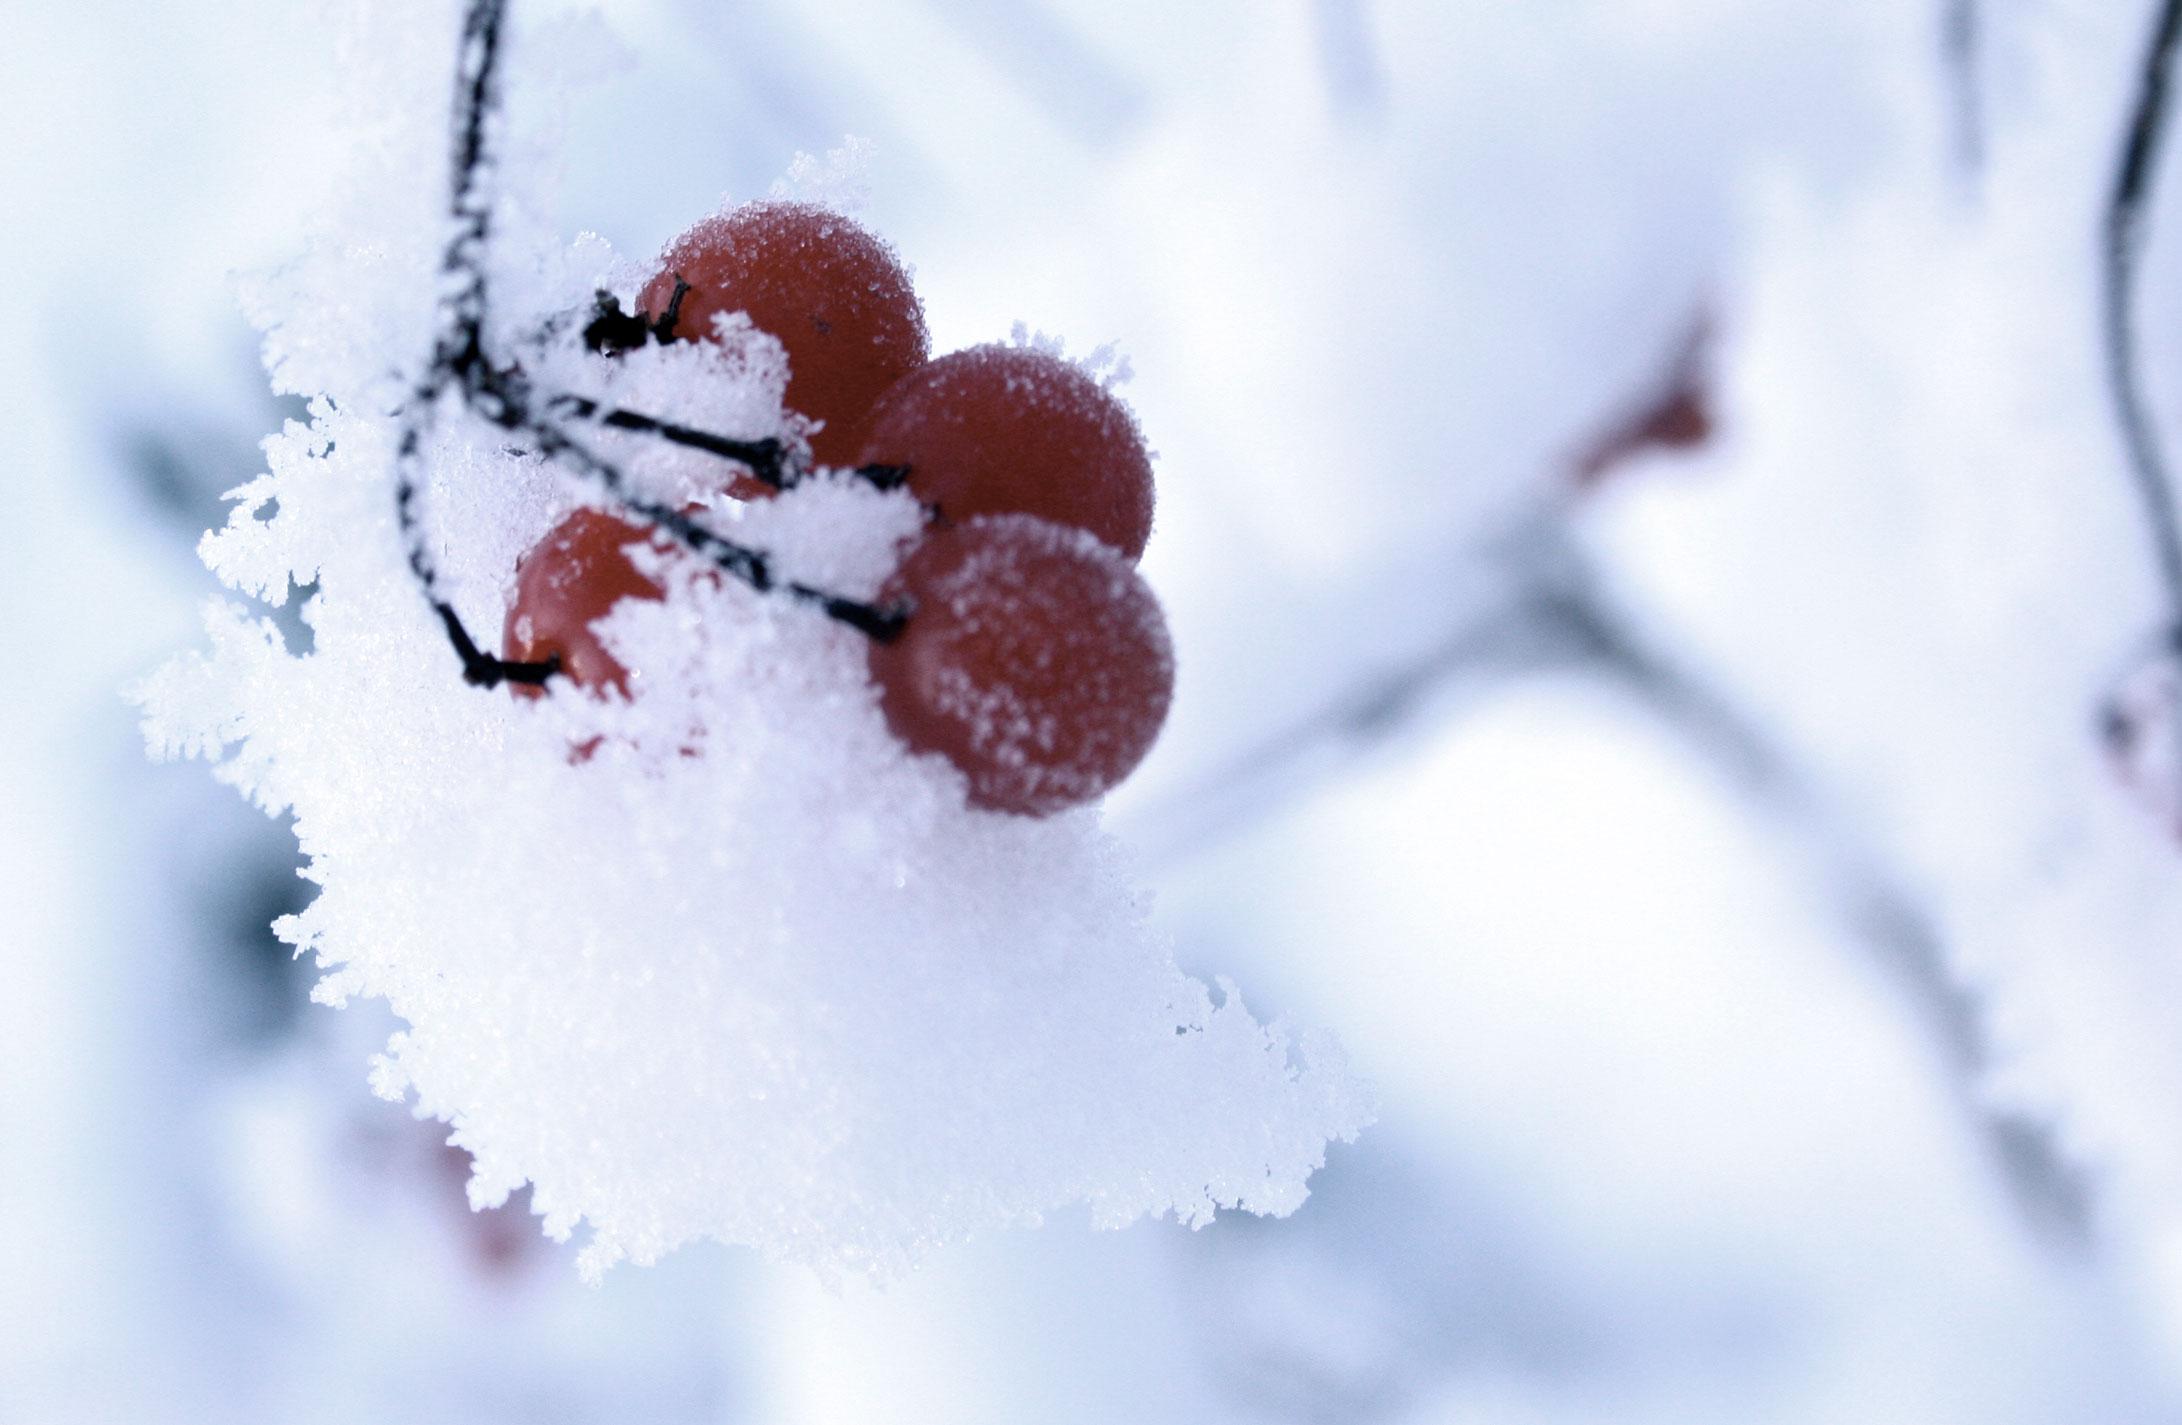 Mill-Tye-Gallery-Winter-Berries